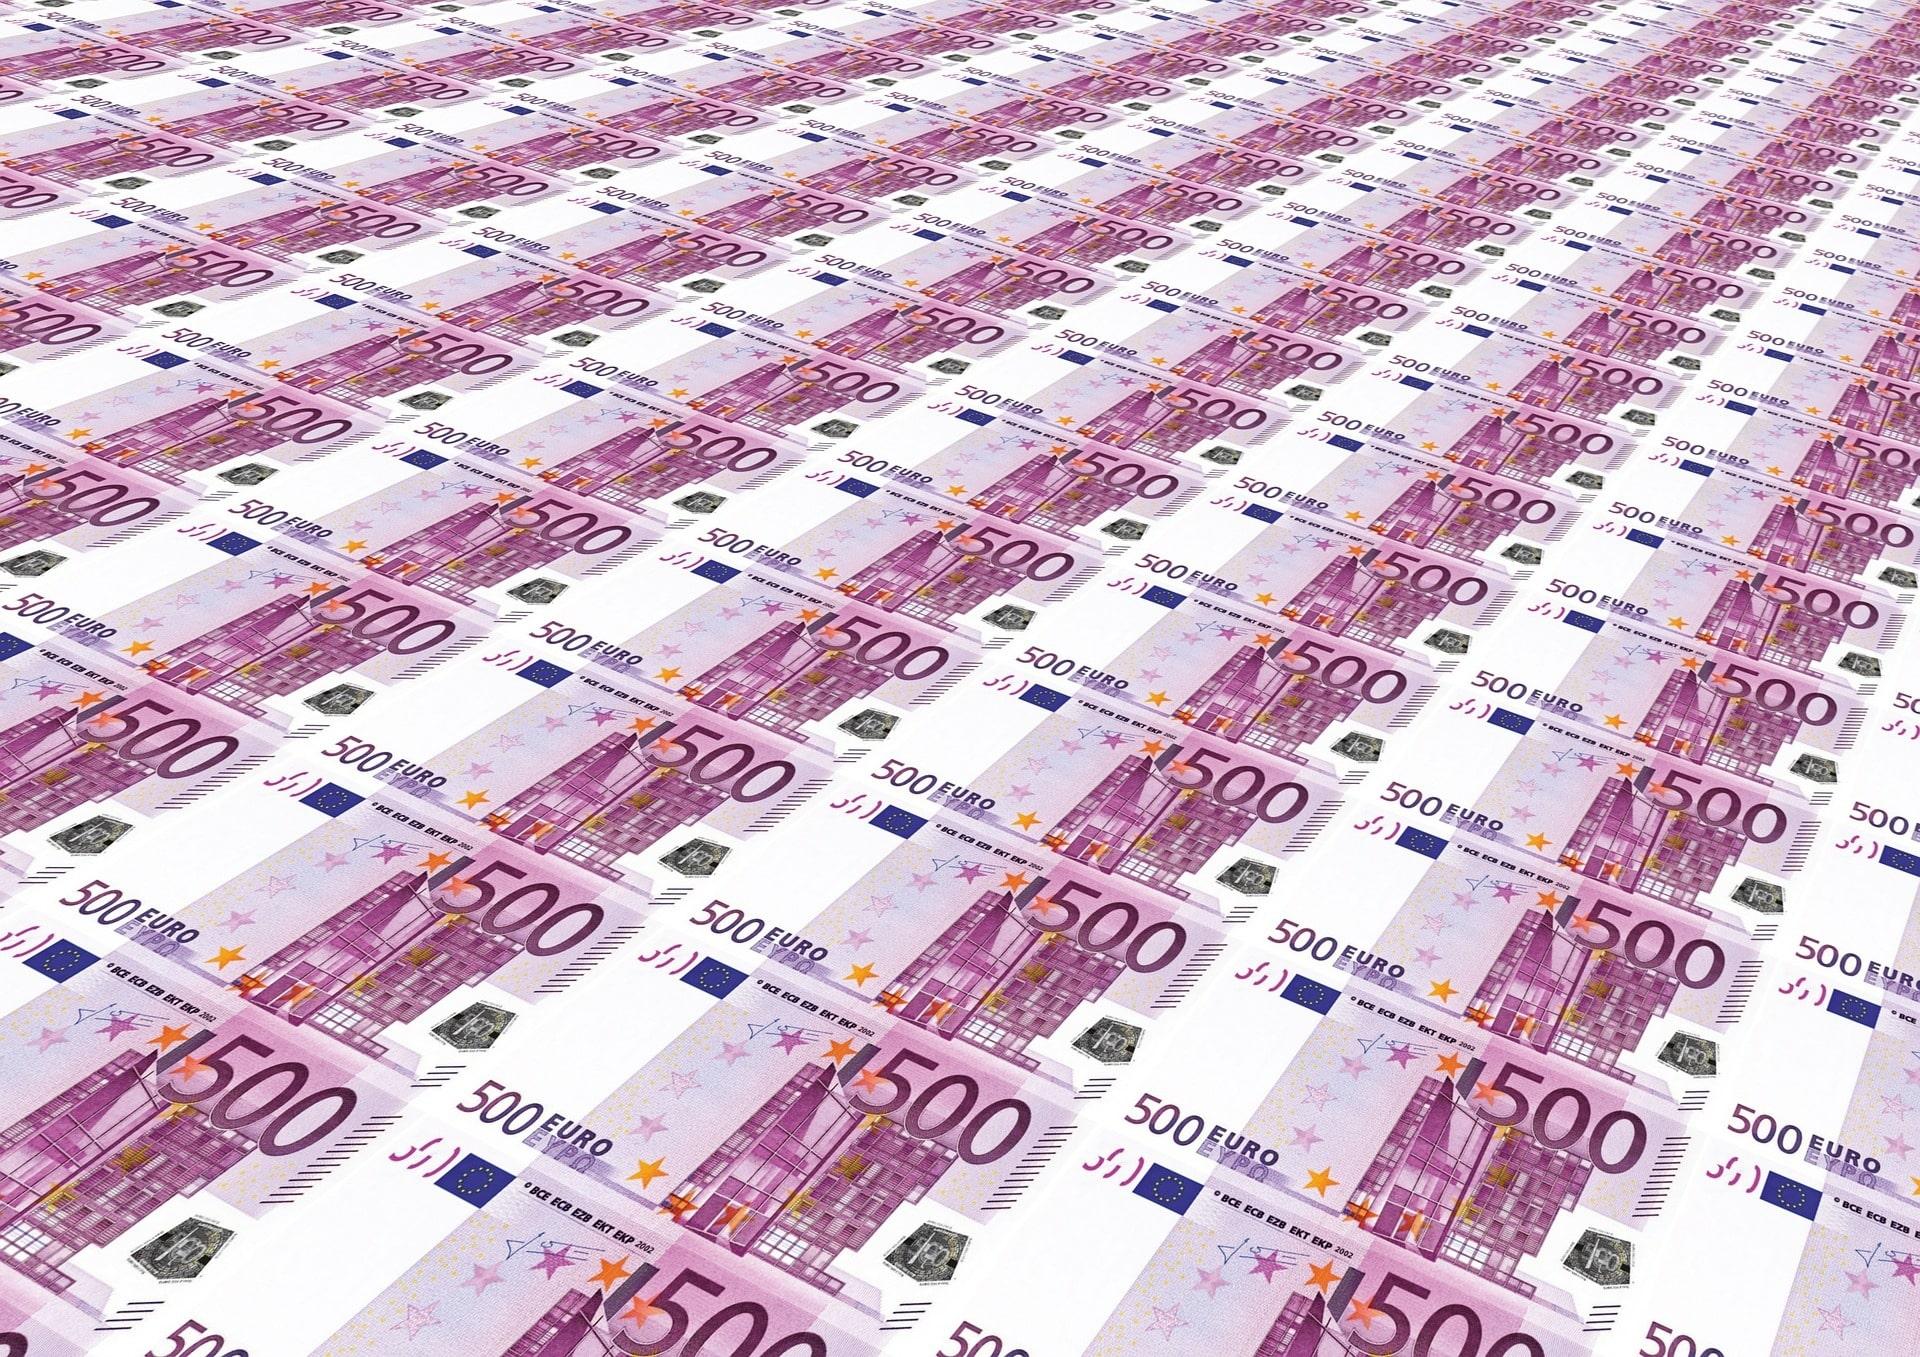 ¿Quiere ser multimillonario? Los analistas ya saben cómo lograrlo 15